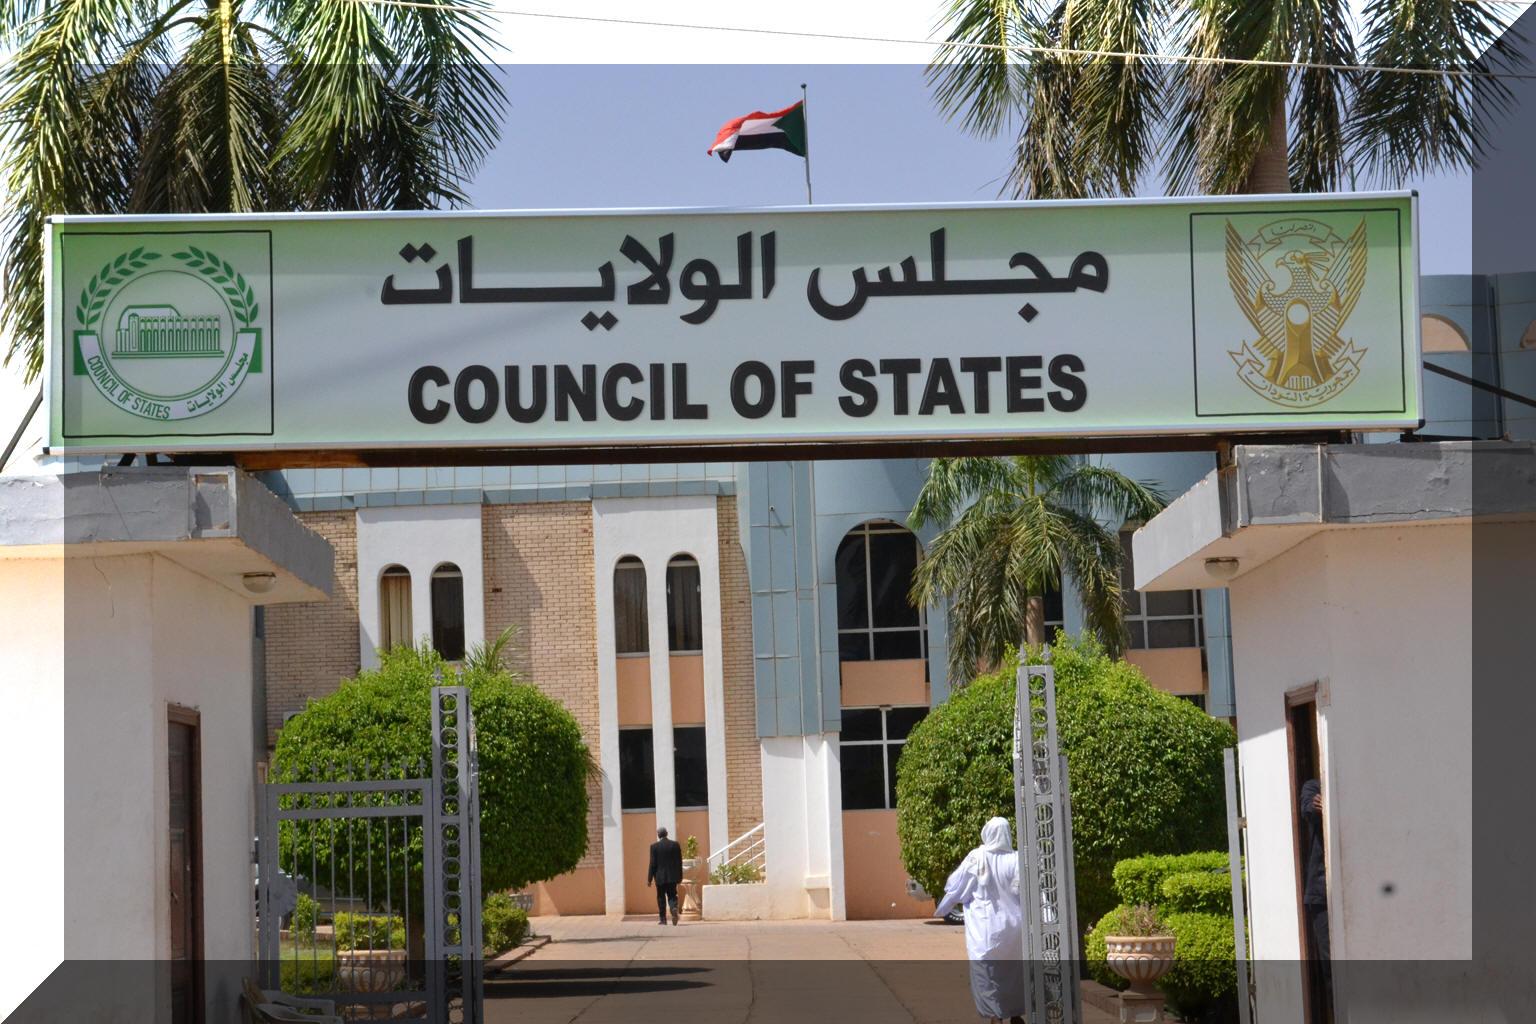 انتخاب أعضاء مجلس الولايات بالجزيرة نهاية الشهر